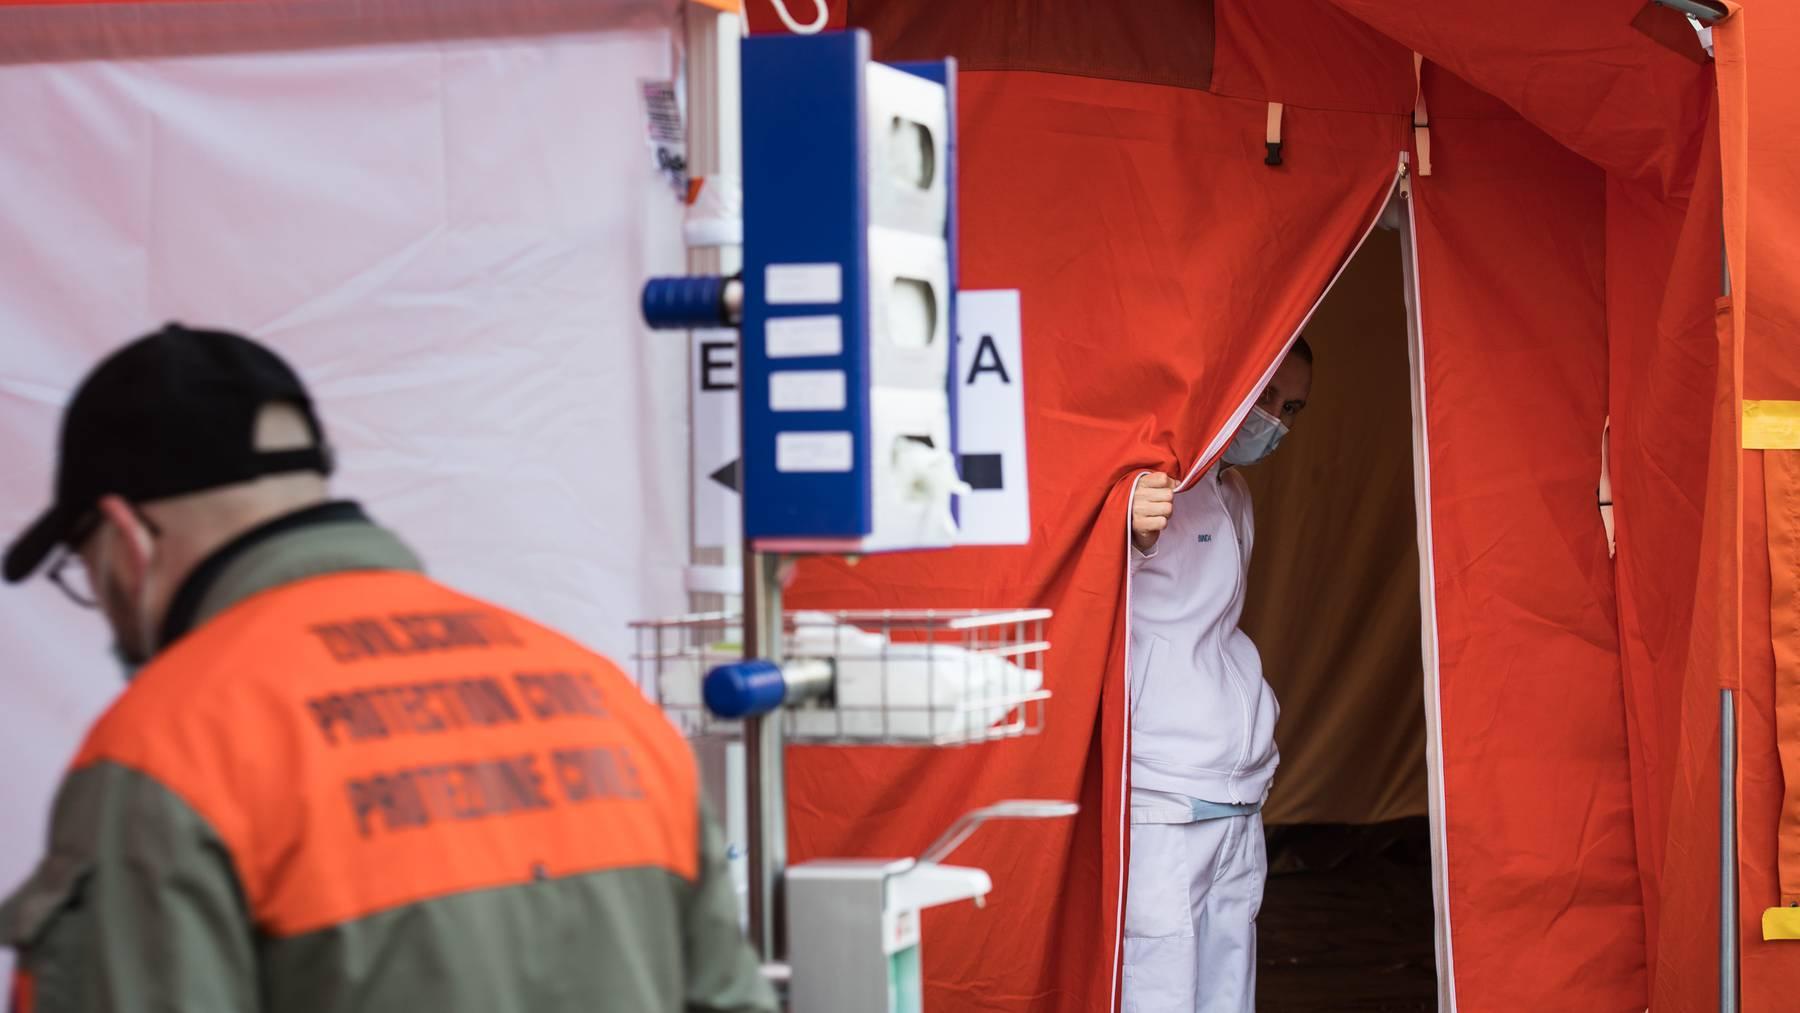 Eine Triage-Station vor einer Klinik im Tessin.